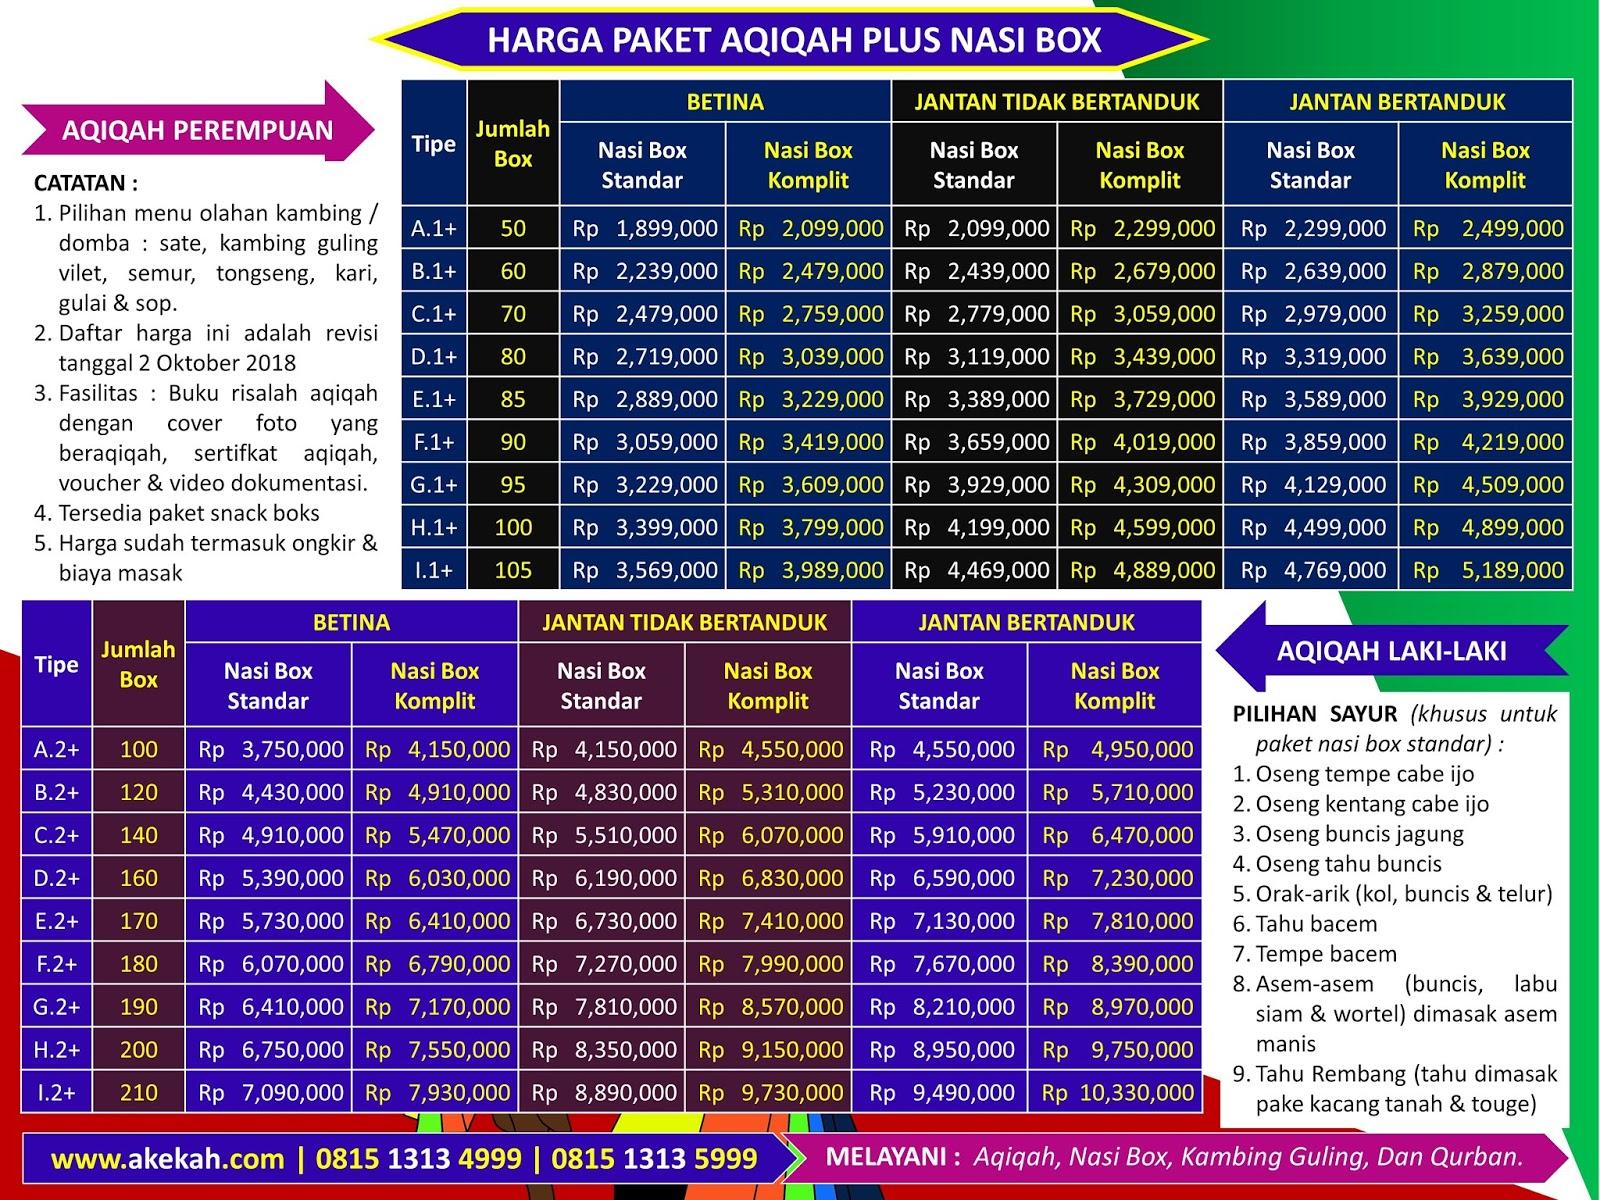 Harga Paket Aqiqah & Catering Plus Untuk Perempuan Wilayah Kecamatan Tamansari Kabupaten Bogor